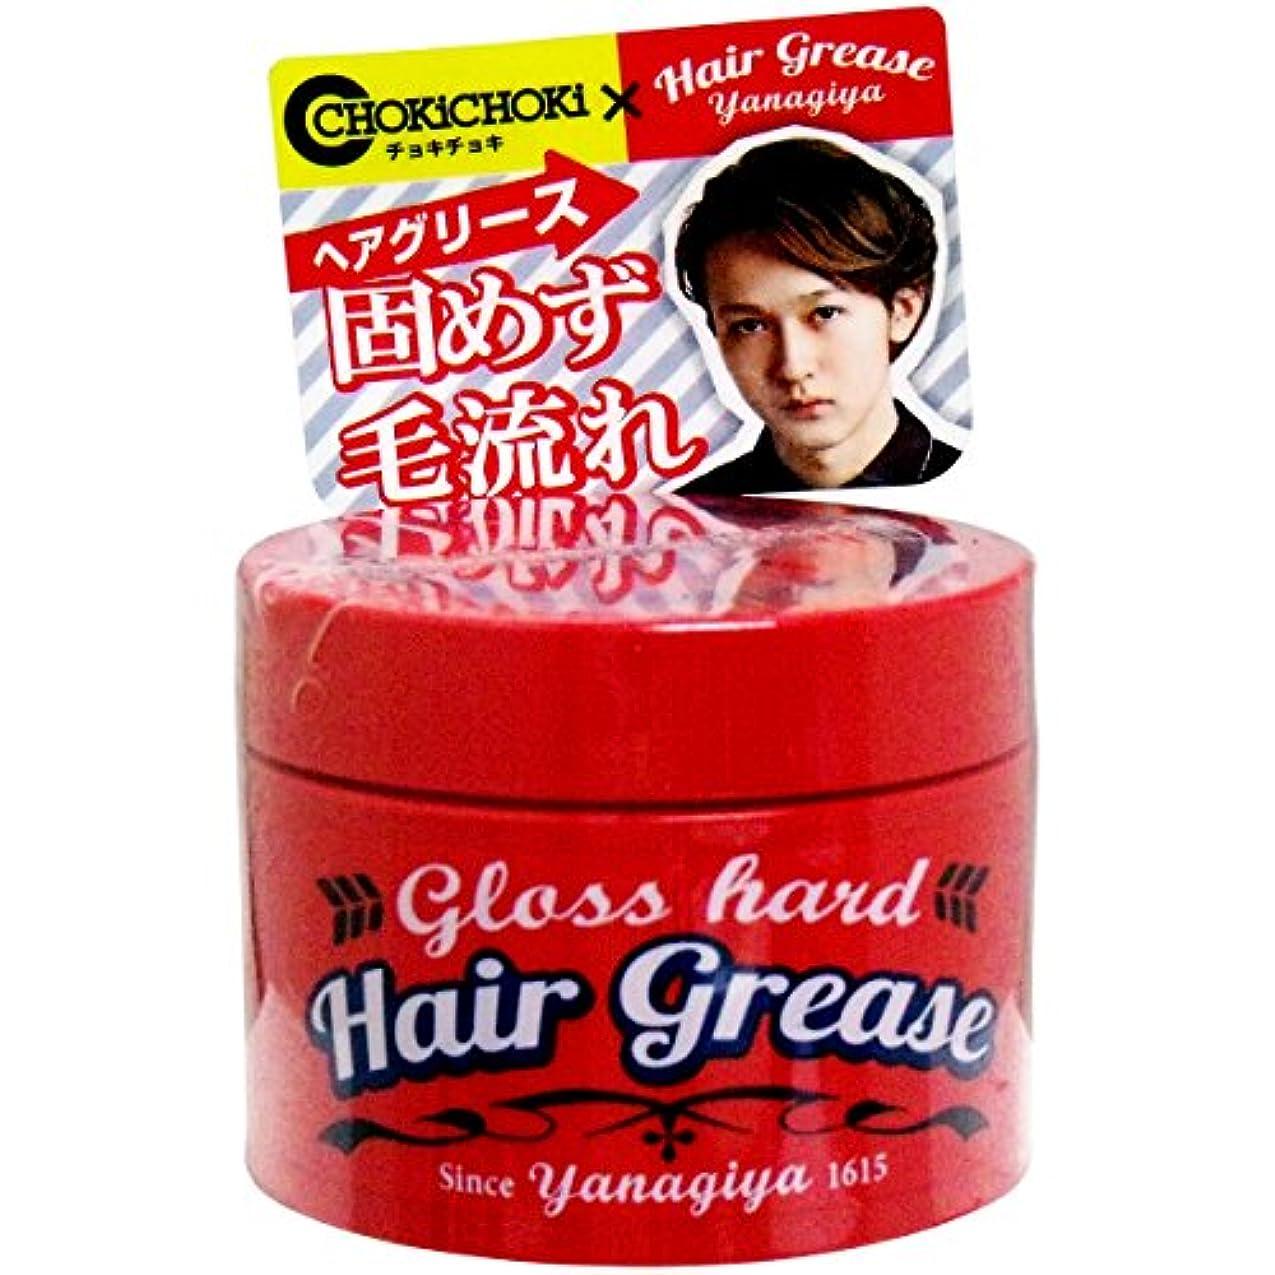 矩形俳優トリクルヘアワックス 固めず毛流れ 使いやすい YANAGIYA ヘアグリース グロスハード 90g入【2個セット】